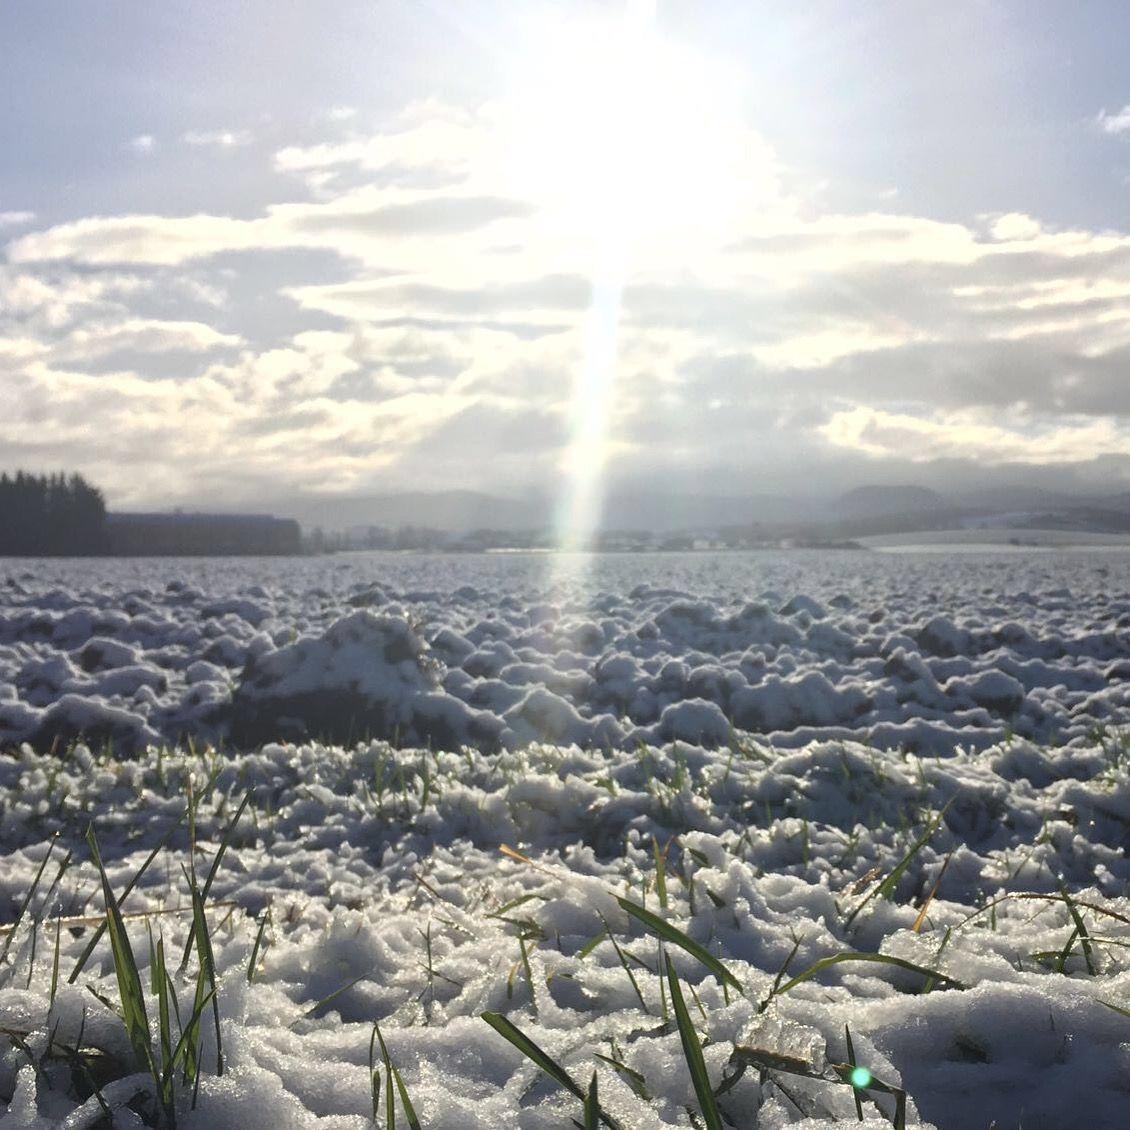 Y la nieve llegó a #Arkaia ... ¡Buen sábado! #turismo #rural junto a #VitoriaGasteiz #inclusivo #conalma #sostenibilidad #responsabilidad #igerseuskadi #igersgasteiz